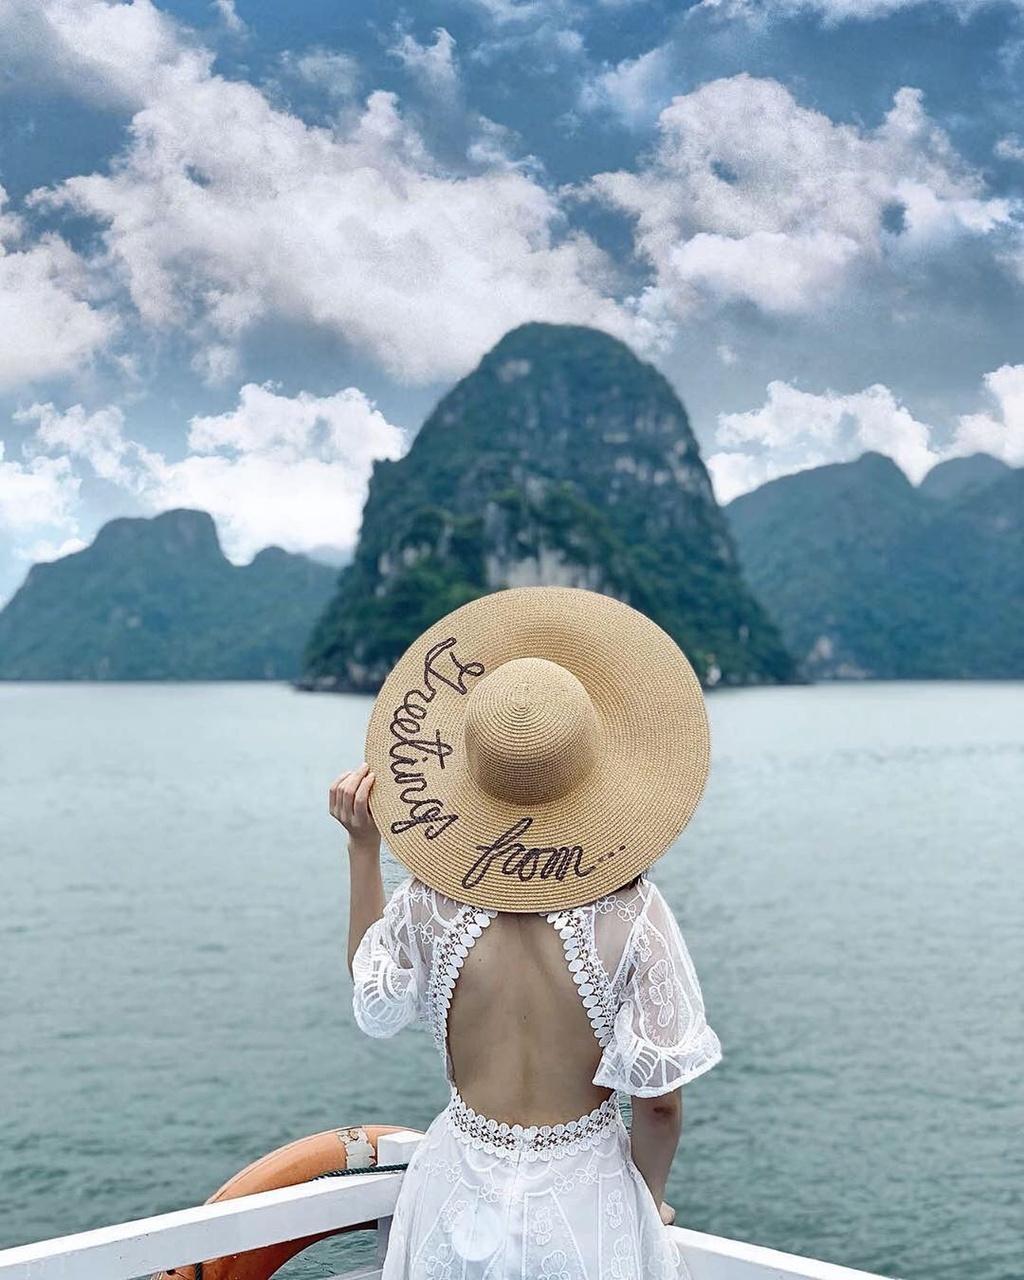 7 trai nghiem keo du khach toi Quang Ninh hinh anh 2